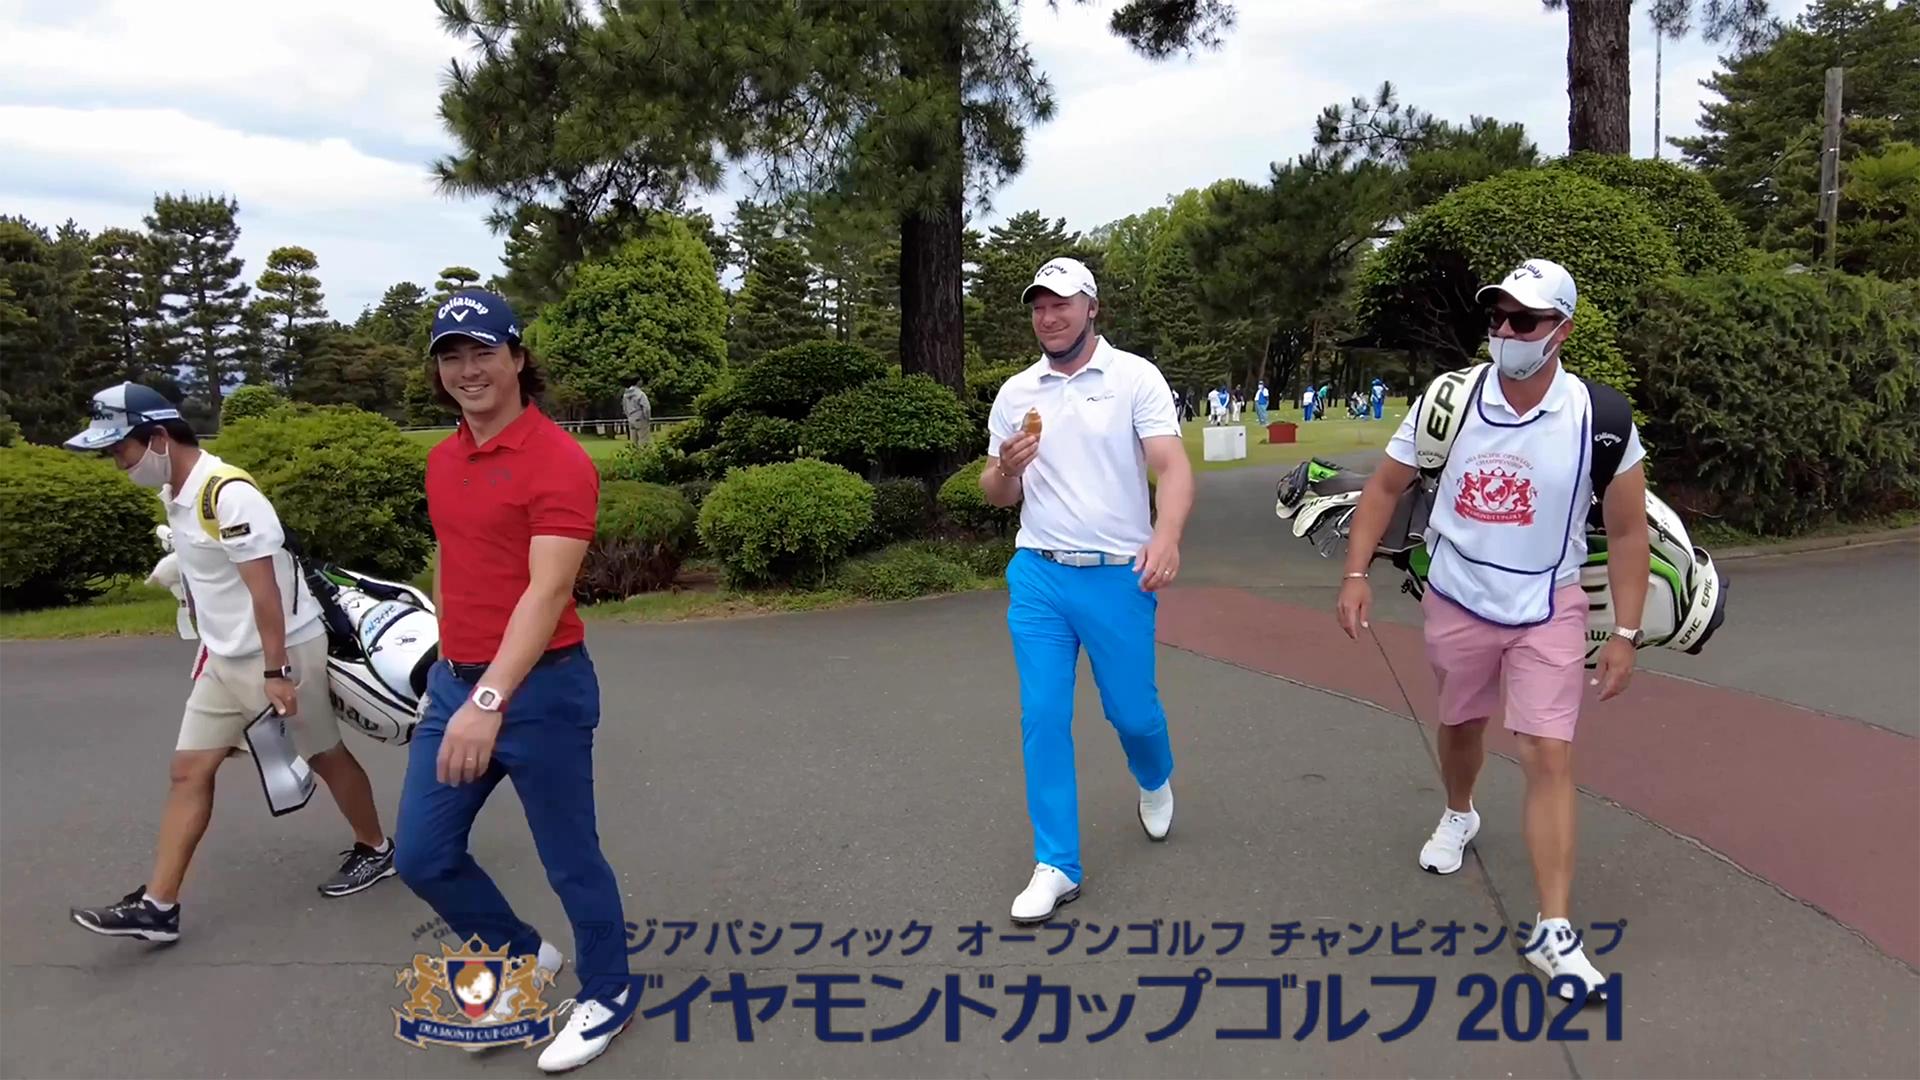 【男子ゴルフ】アジアパシフィックダイヤモンドカップゴルフ Final Round JGTOオリジナル映像!